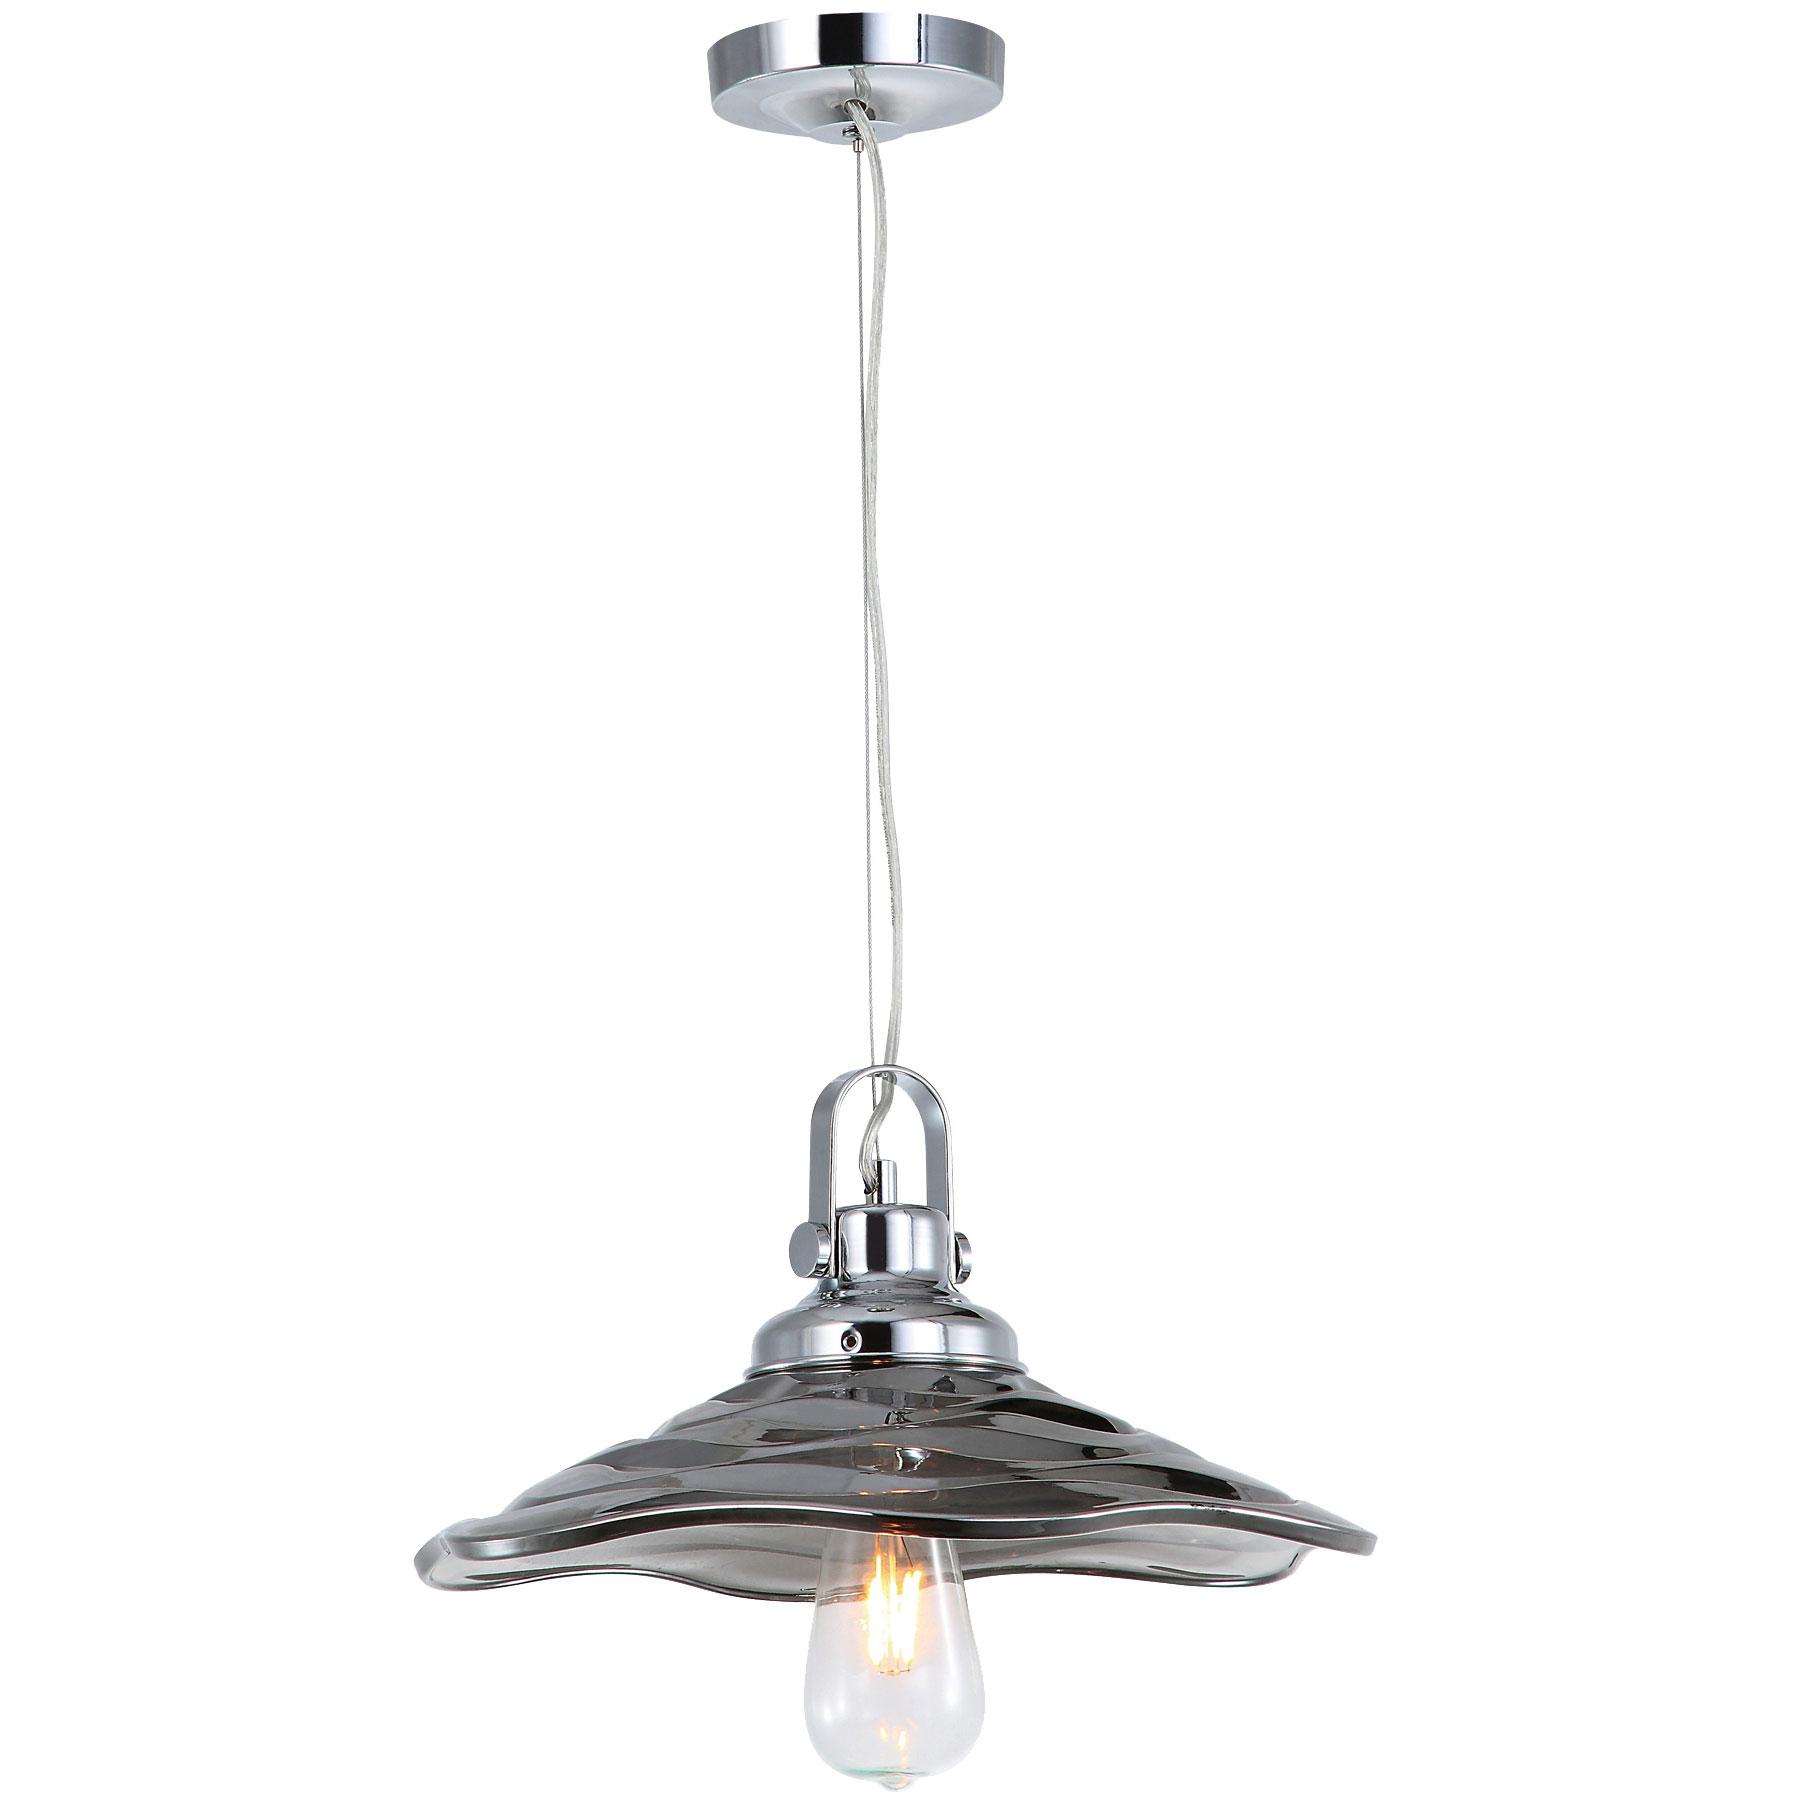 Светильник подвесной Loft Lsp-0205 lussole 202 lsp 0205